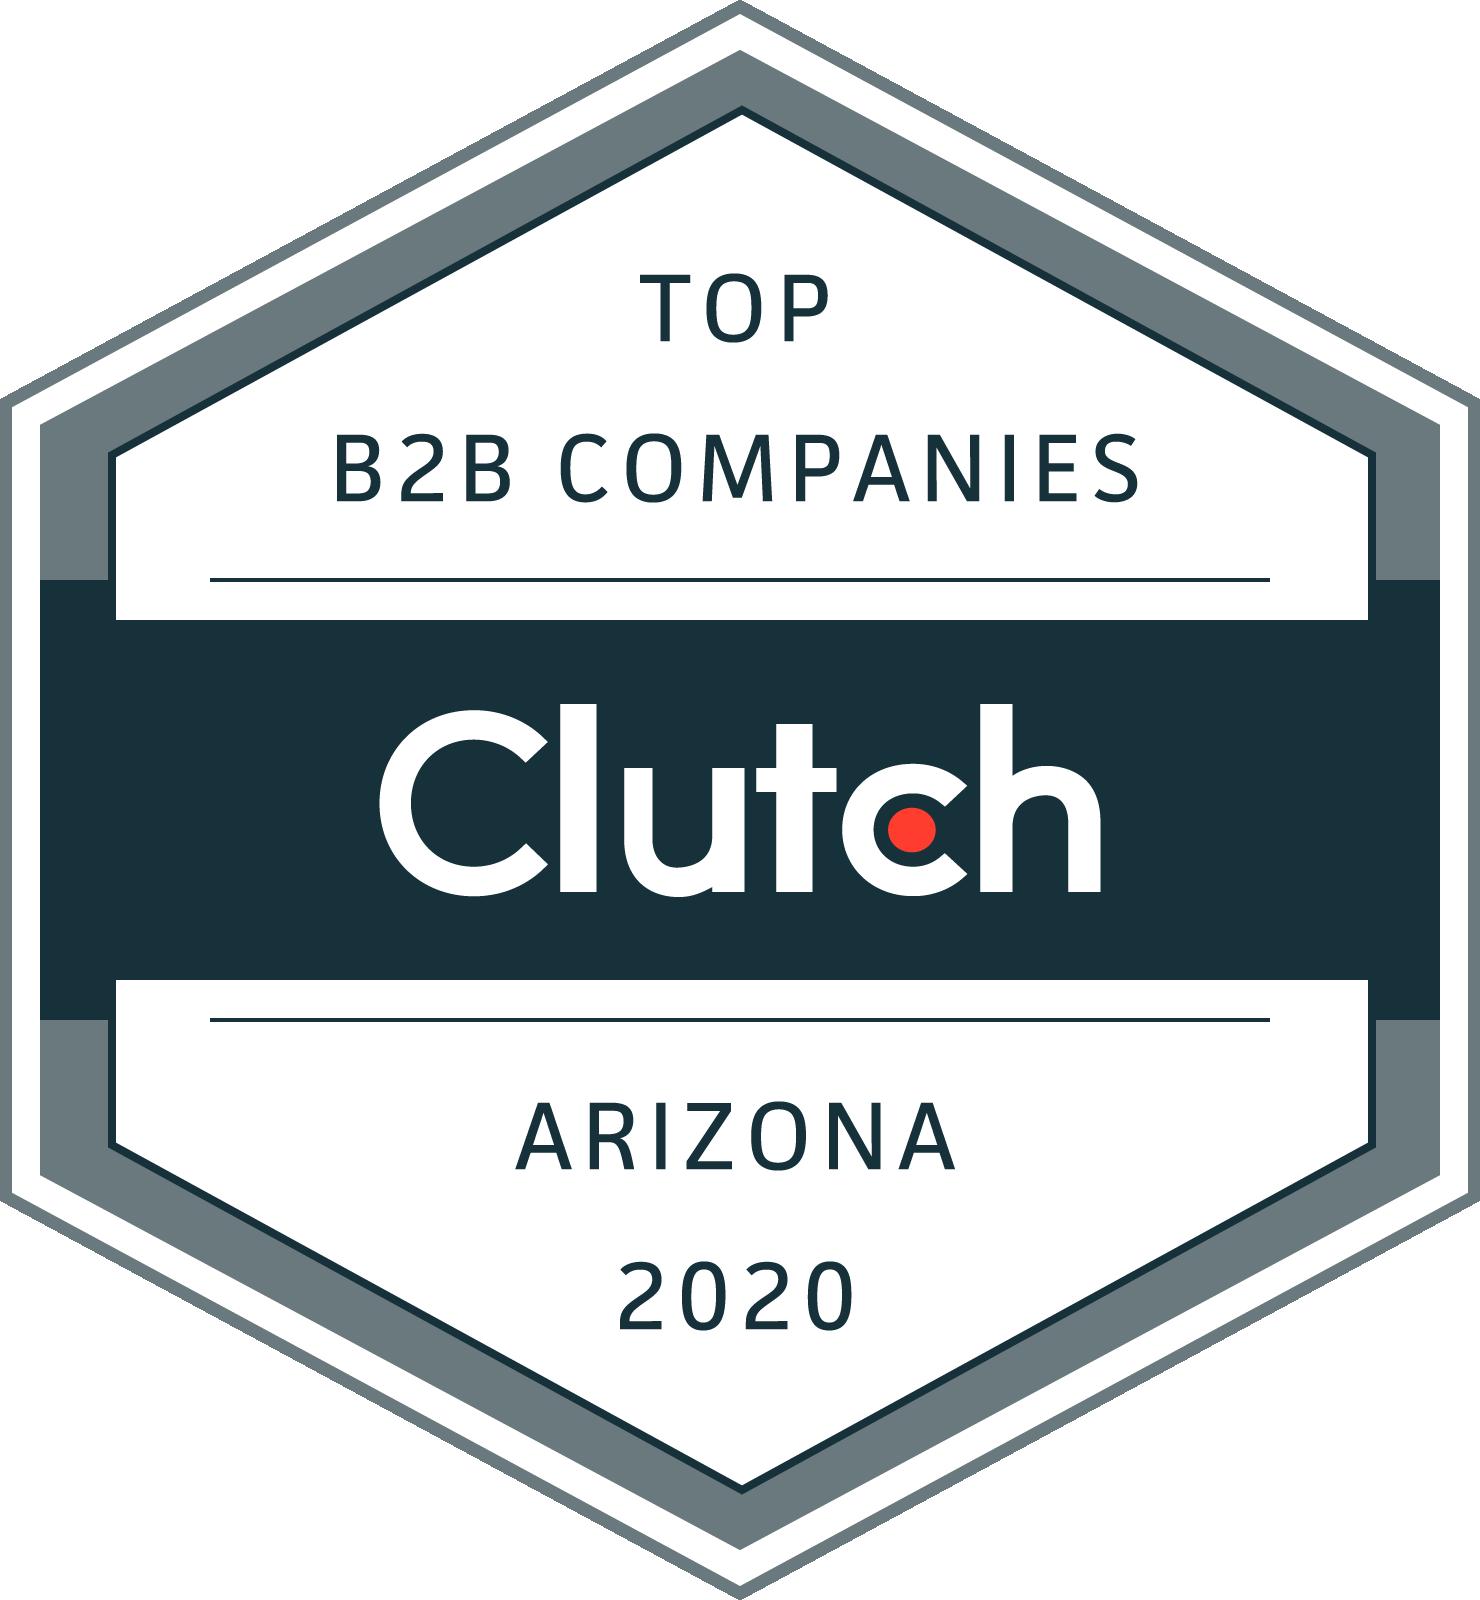 Clutch Awards Arizona 2020 Logo